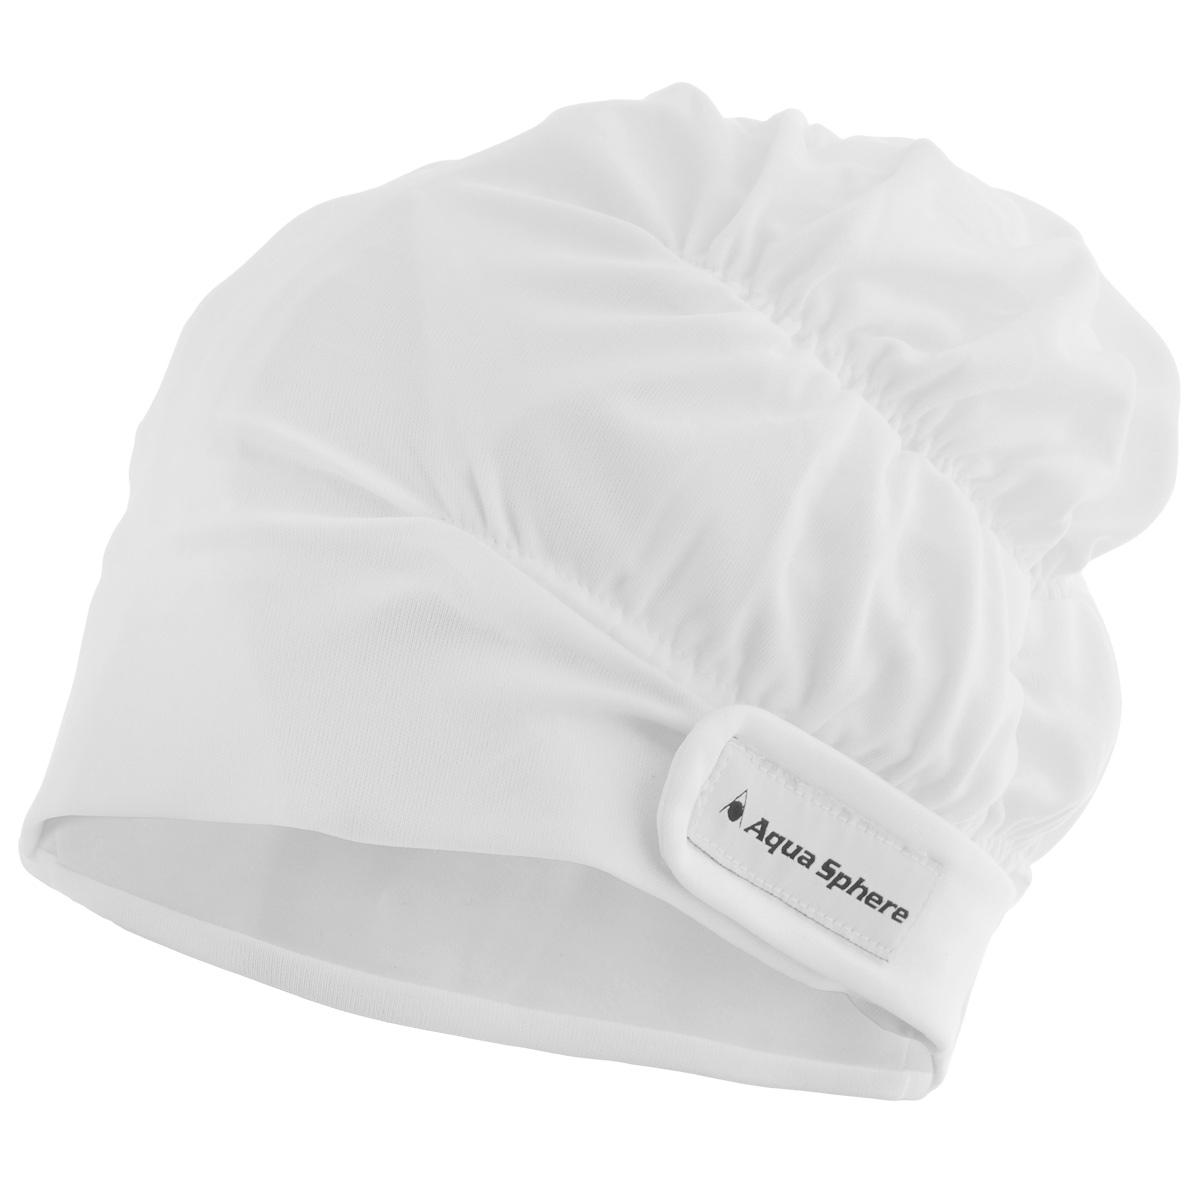 Шапочка Aqua Sphere Aqua Comfort, цвет: белыйTN 945632/20922WПлавательная шапочка Aqua Sphere Aqua Comfort подойдет для людей с длинными волосами. Состоит из двухкомпонентного материала. Мягкий эластичный материал внутри и снаружи для максимального комфорта и герметичный высокопрочный материал по внутреннему широкому шву (10% резина).